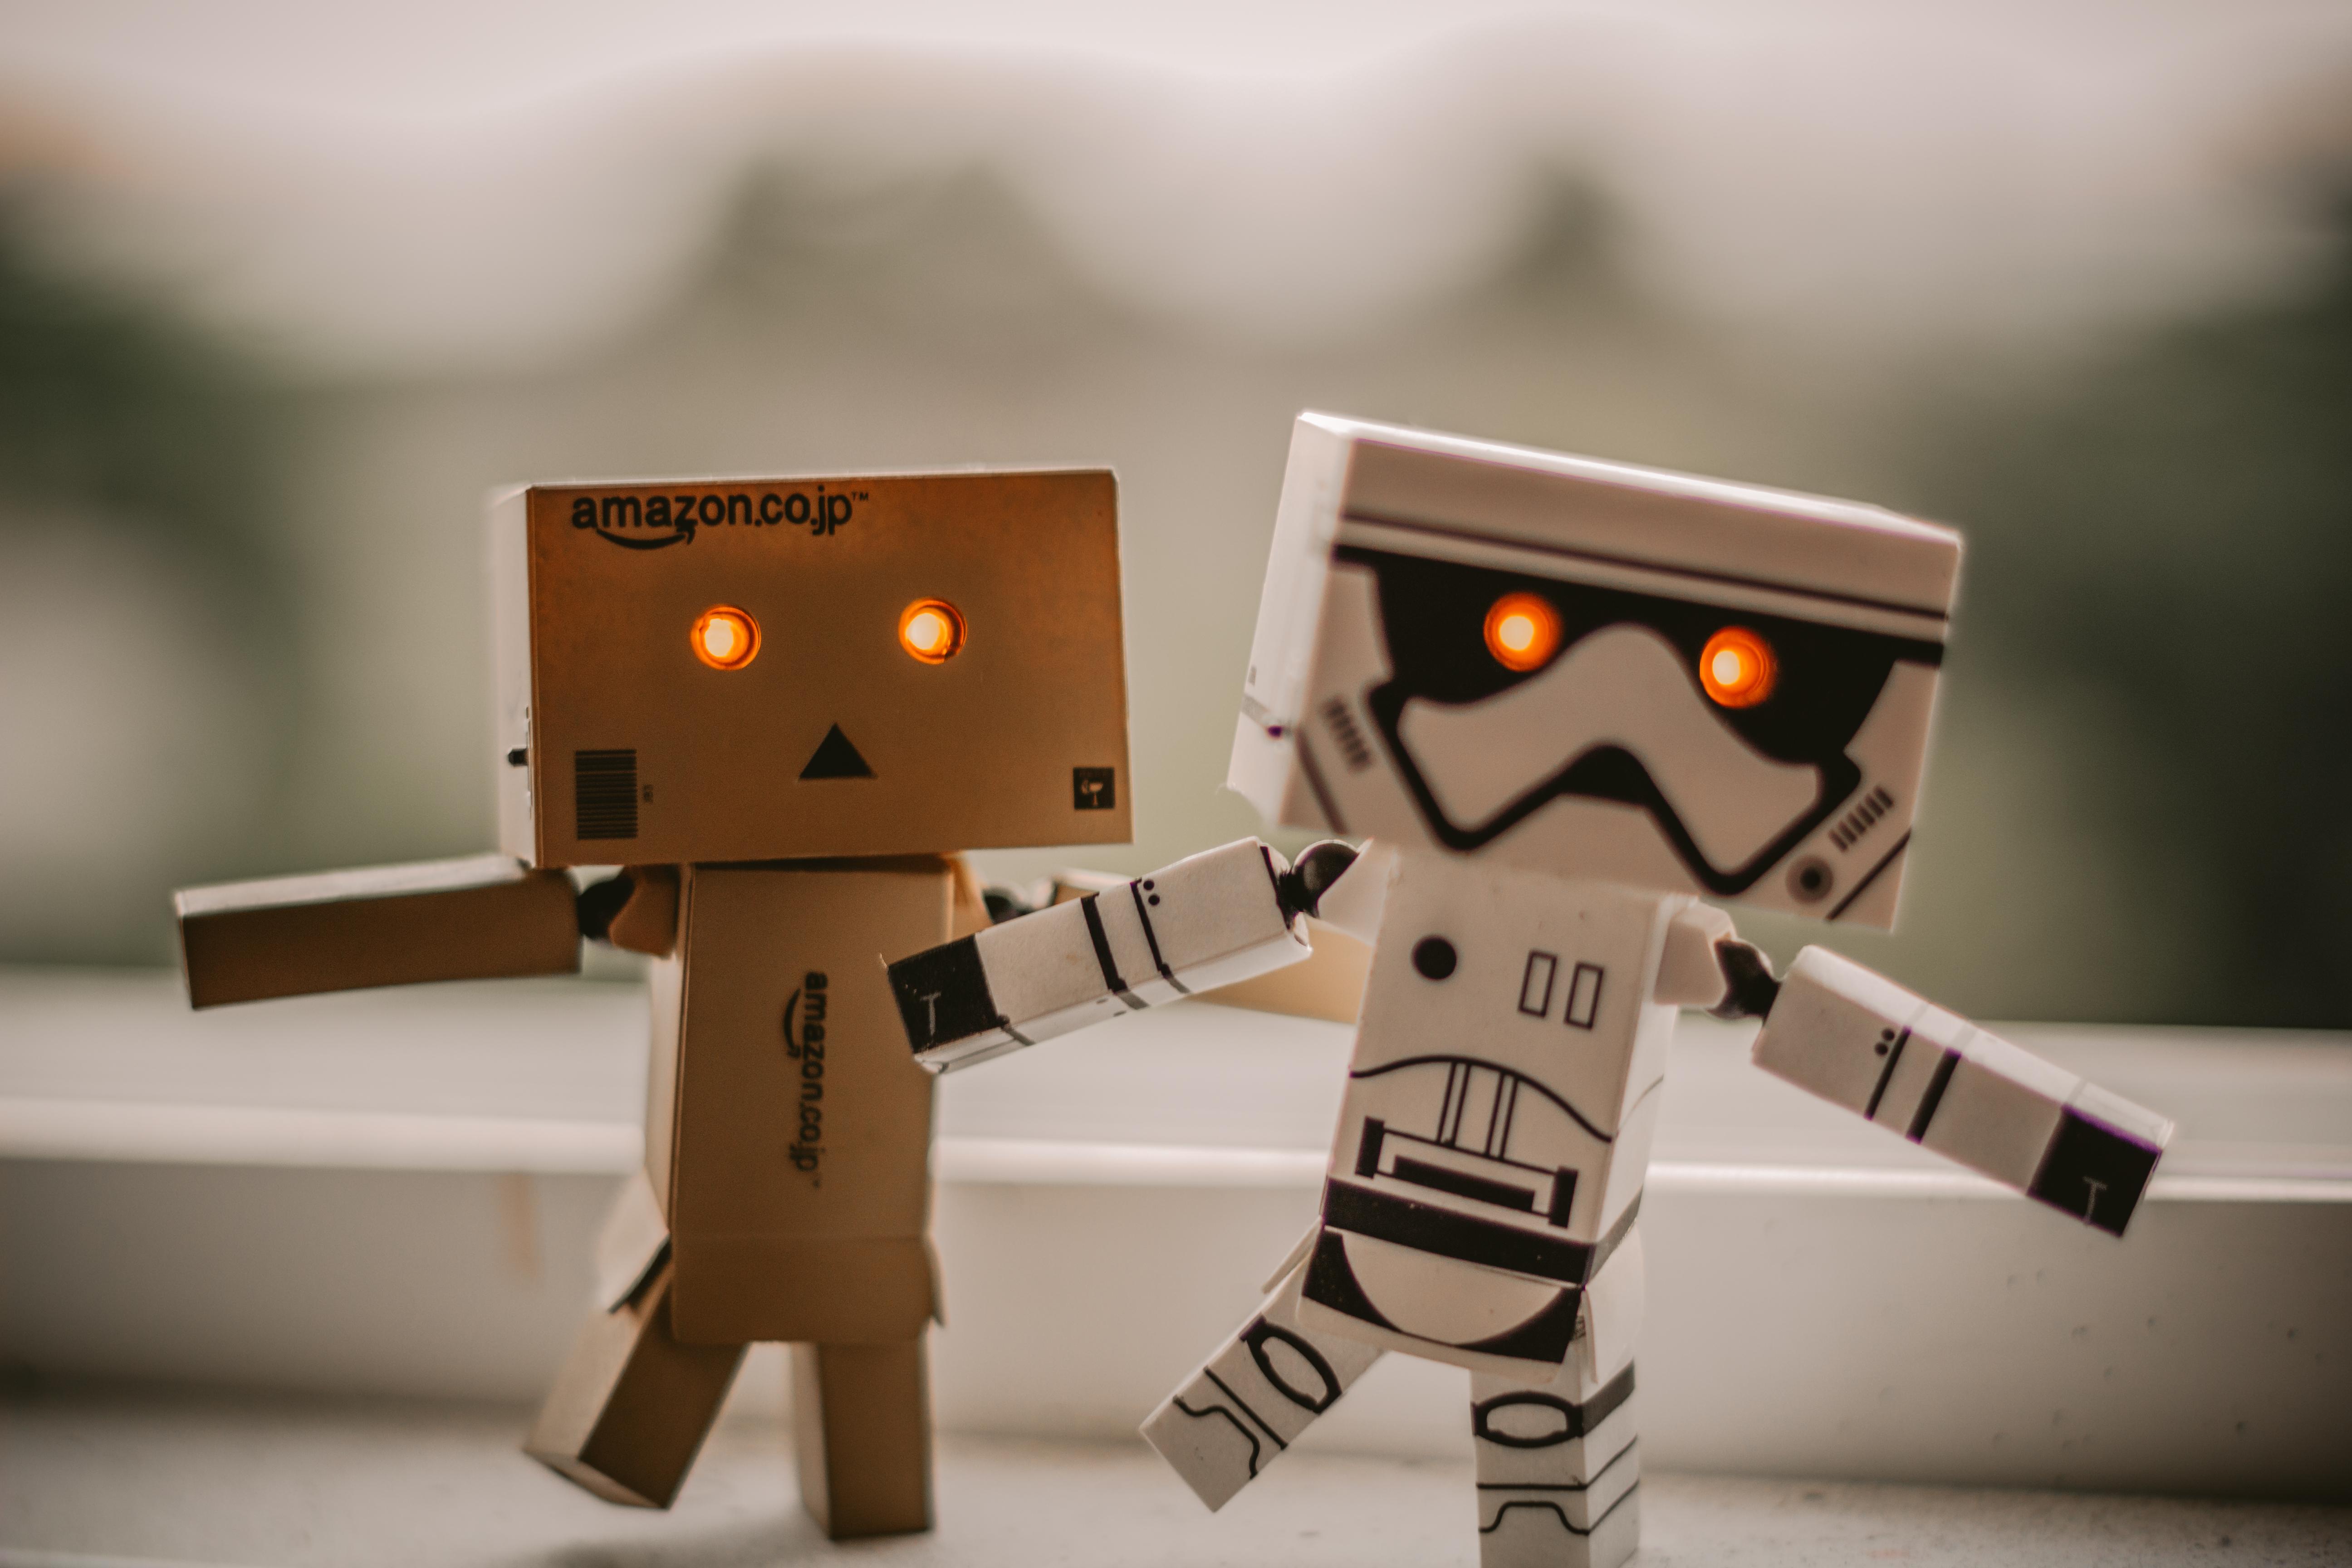 Buscamos entrenadores de Ro(bots) ¡La Inteligencia Artificial llega al Club!